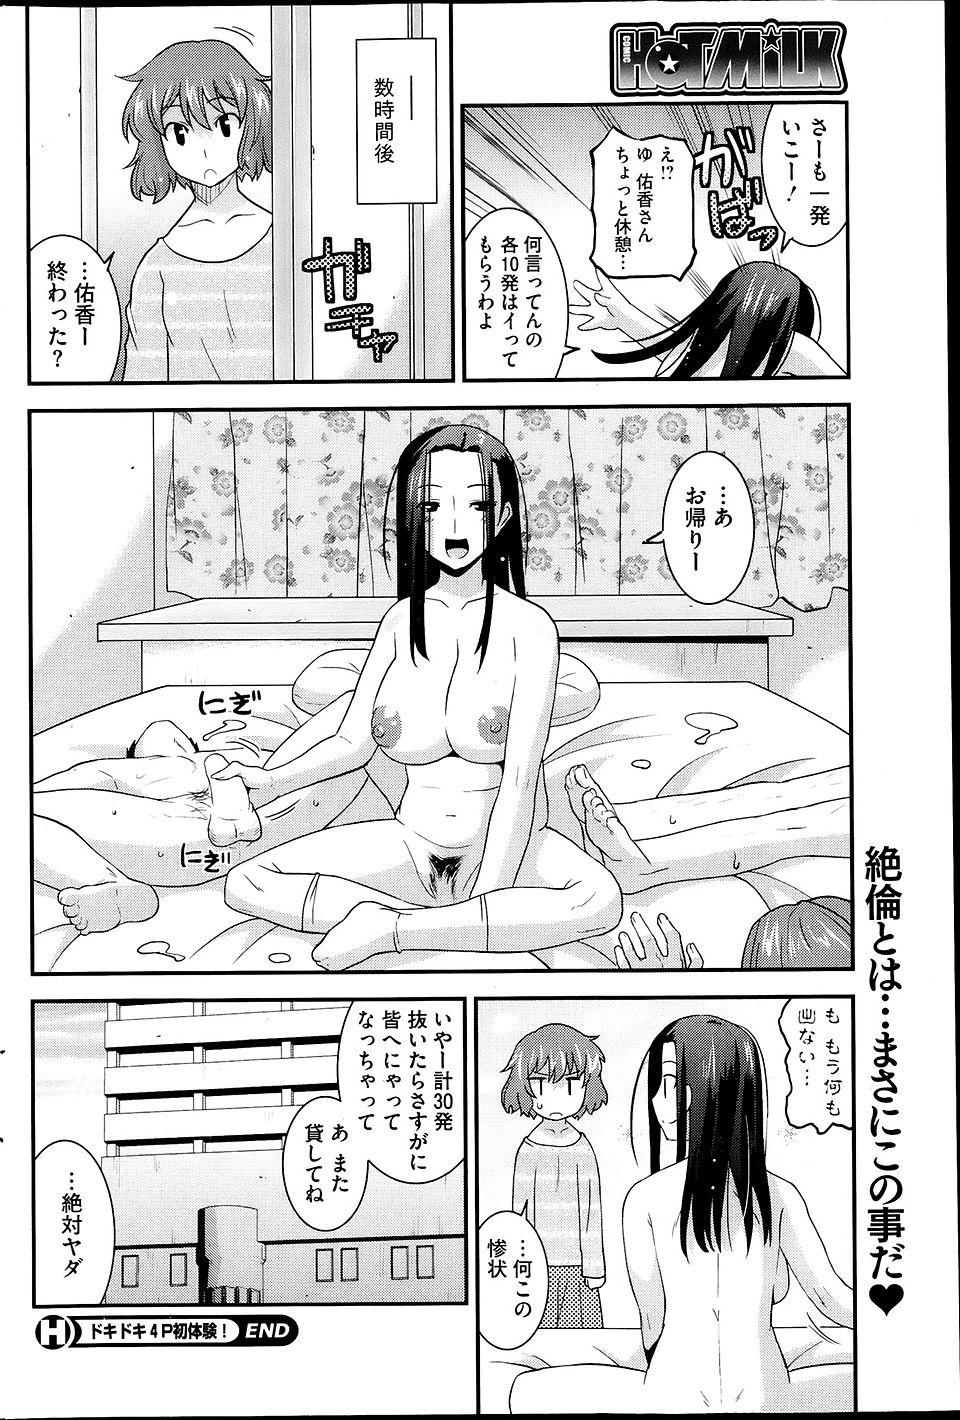 【エロ漫画・エロ同人】ちんこ大好き巨乳娘が4Pセックスしてるwwww (18)